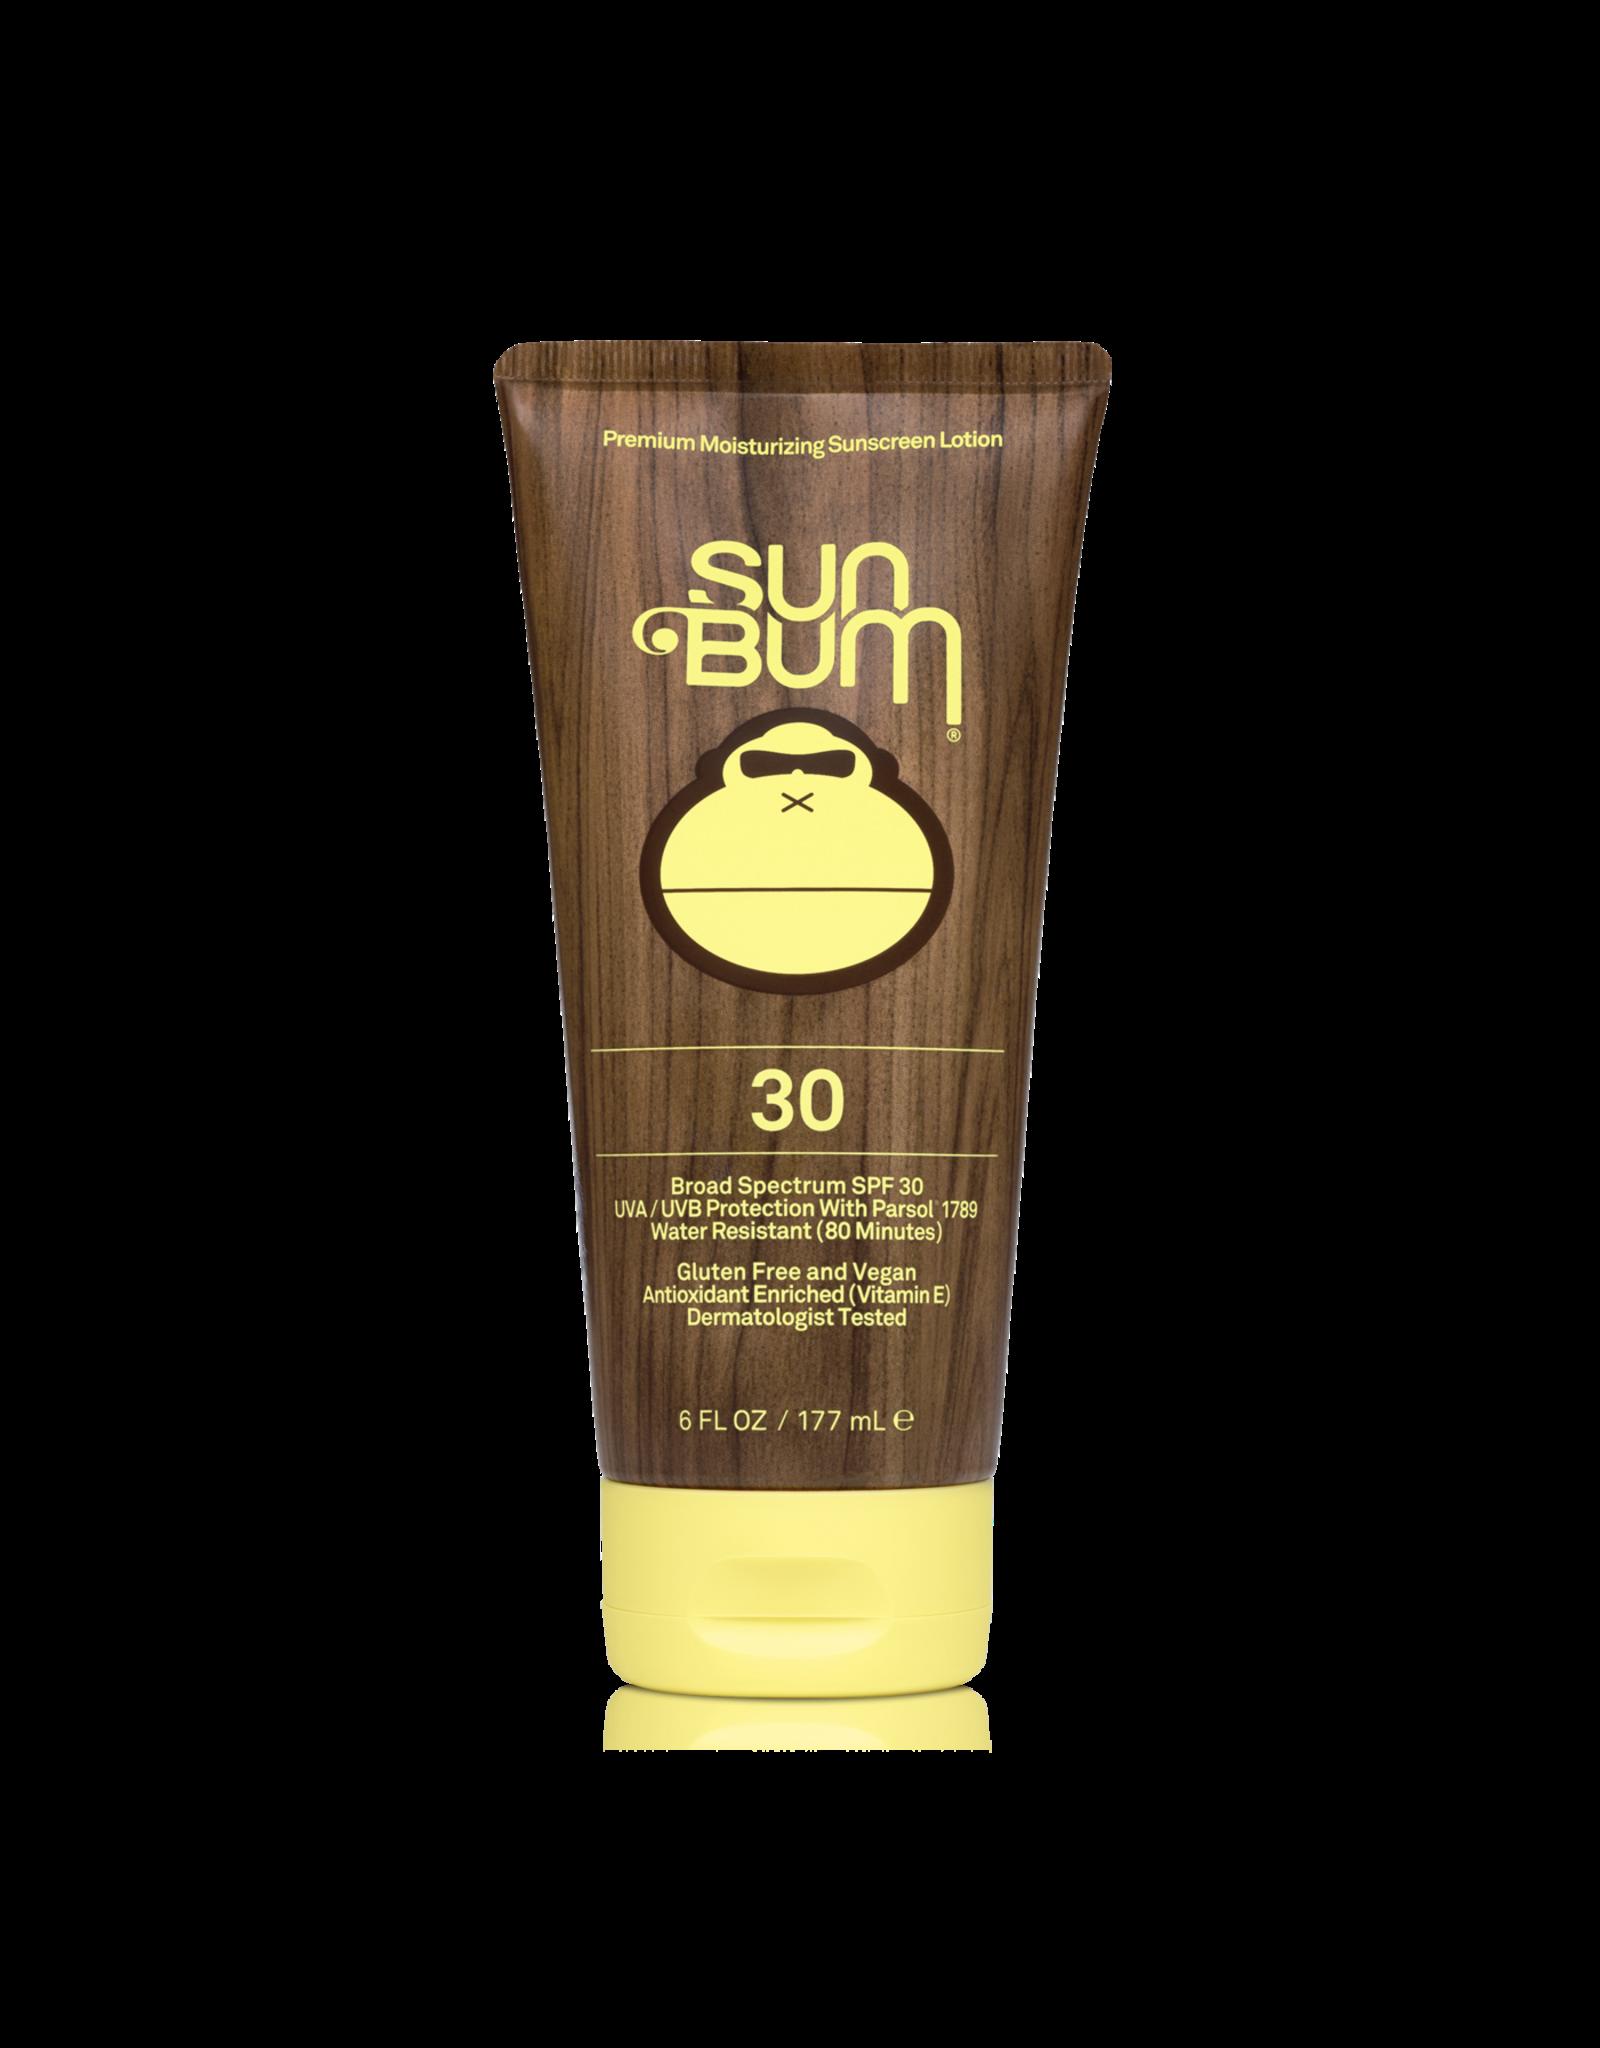 Sun Bum Sunscreen 30spf 30